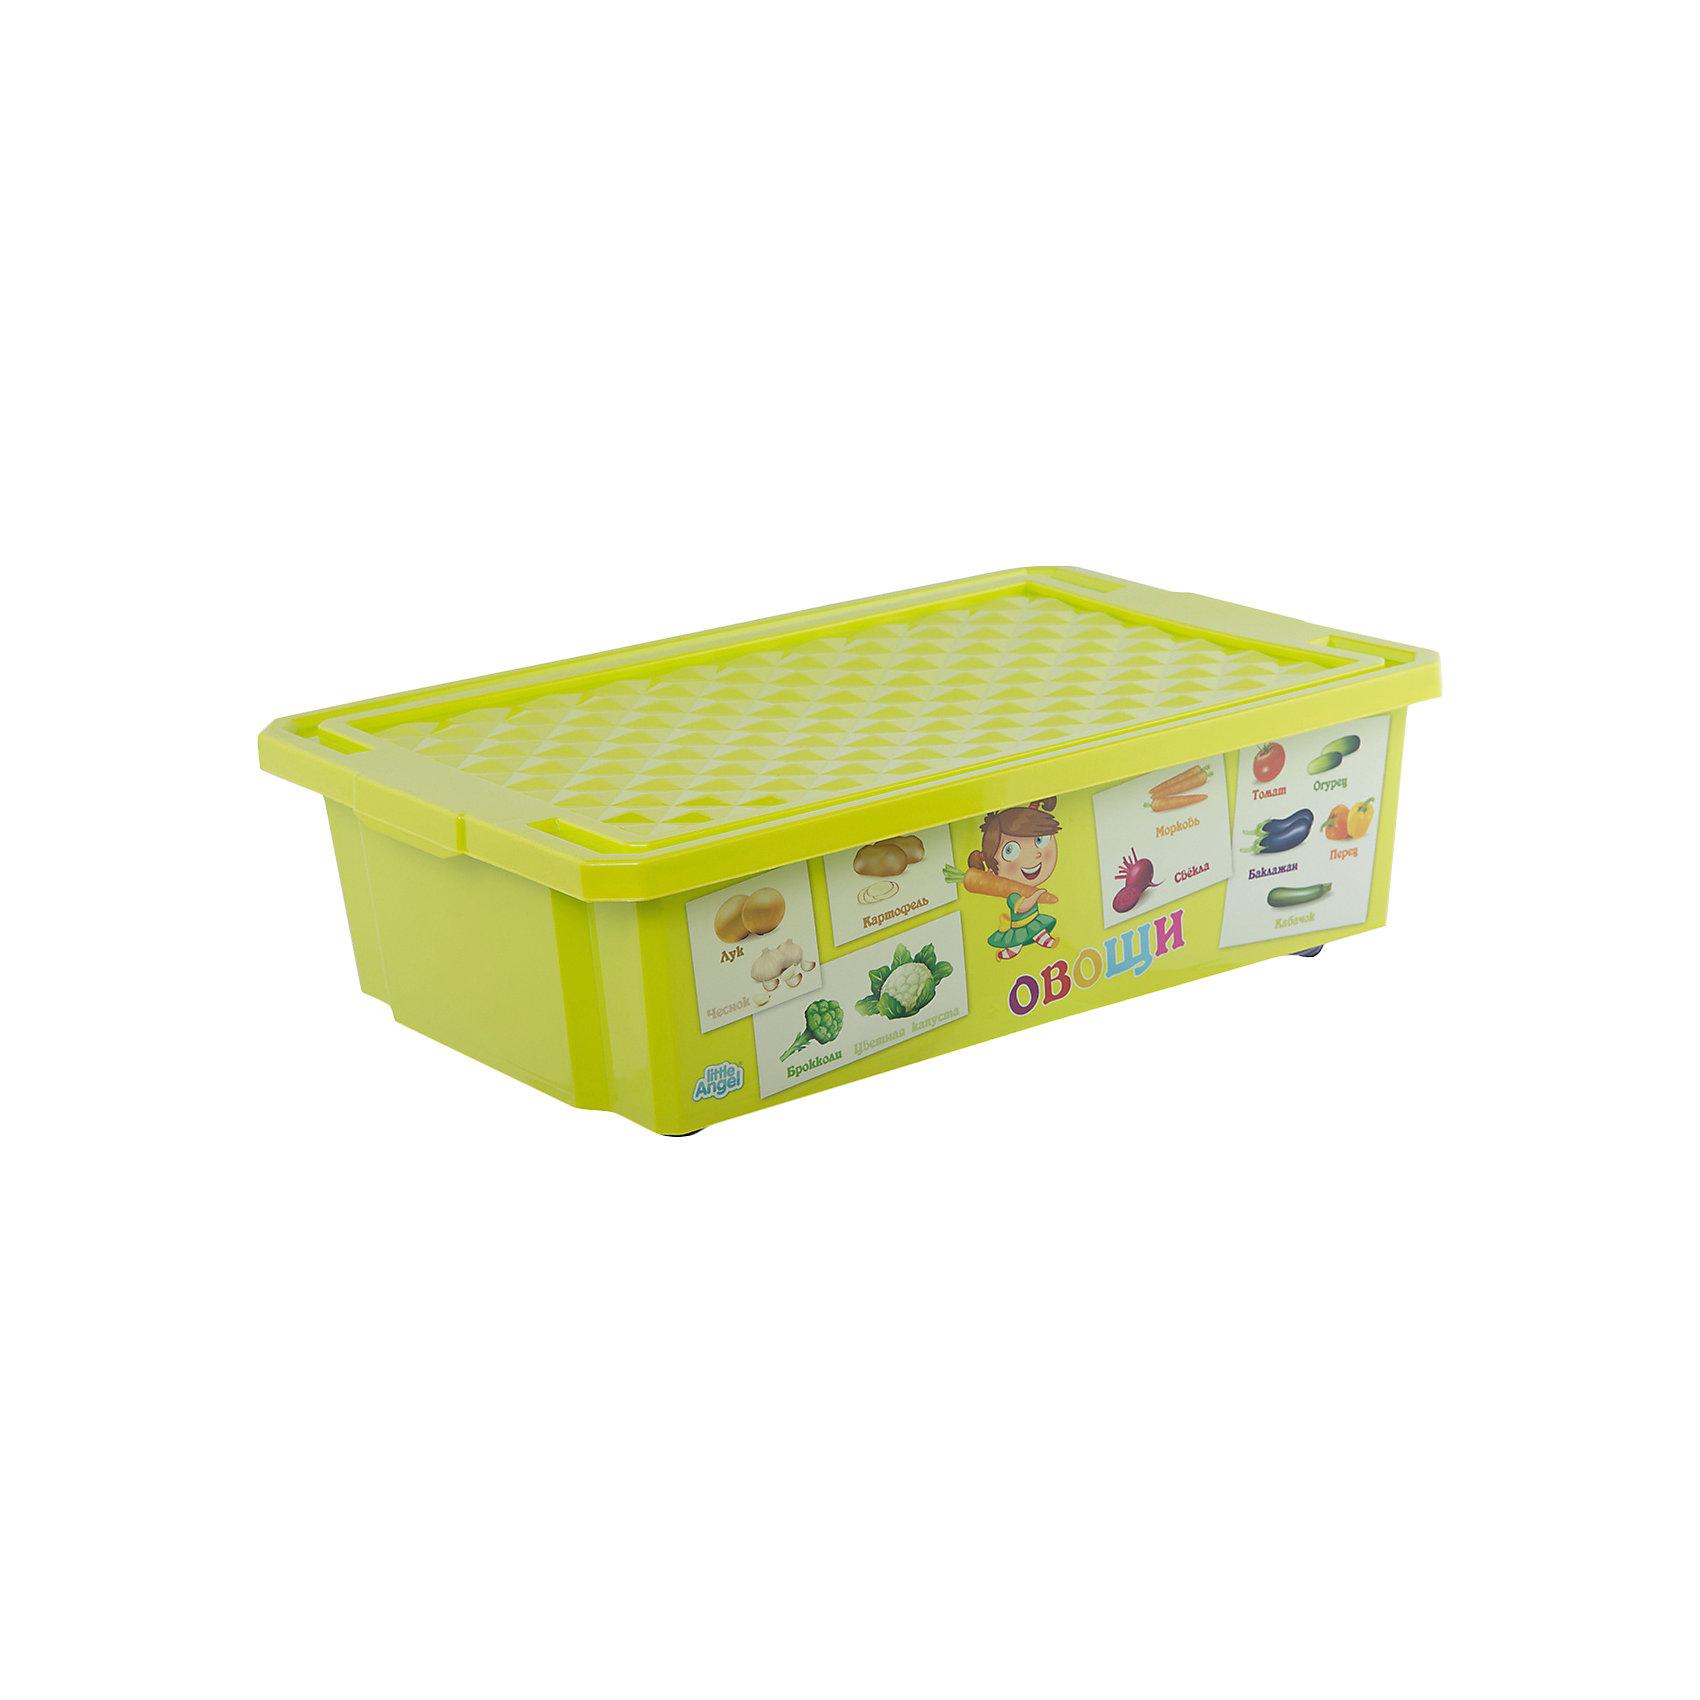 Ящик для хранения игрушек X-BOX Обучайка Овощи-фрукты 30л, Little Angel, салатовыйХарактеристики ящика для хранения игрушек  X-BOX Обучайка Овощи-фрукты 30л, Little Angel, салатовый:<br><br>- возраст: от 3 лет<br>- пол: для мальчиков и девочек<br>- цвет: салатовый.<br>- материал: полипропилен.<br>- размер упаковки:  67 *61 * 61 см.<br>- размер ящика: 61* 40.5 * 19.3 см.<br>- вместимость: 30 л.<br>- вес: 1.29 кг.<br>- бренд: Little Angel<br>- страна обладатель бренда: Россия.<br><br>Ящик для хранения Овощи и фрукты X-BOX  Обучайка Овощи-фрукты торговой марки Little Angel поможет Вам решить вопрос компактного хранения детских игрушек Вашего ребенка.  Ящик выполнен в насыщенном салатовом цвете и оформлен обучающими картинками, которые помогут ребенку выучить и запомнить названия овощей и фруктов. Прочный пластиковый бокс Обучайка оснащен закрывающейся крышкой, которая предотвратит загрязнение и поможет содержать игрушки в чистоте.<br><br>Детский ящик для хранения игрушек X-Box Обучайка Овощи-фрукты торговой  марки Little Angel можно купить в нашем интернет-магазине.<br><br>Ширина мм: 610<br>Глубина мм: 405<br>Высота мм: 193<br>Вес г: 1453<br>Возраст от месяцев: 24<br>Возраст до месяцев: 72<br>Пол: Унисекс<br>Возраст: Детский<br>SKU: 5136378